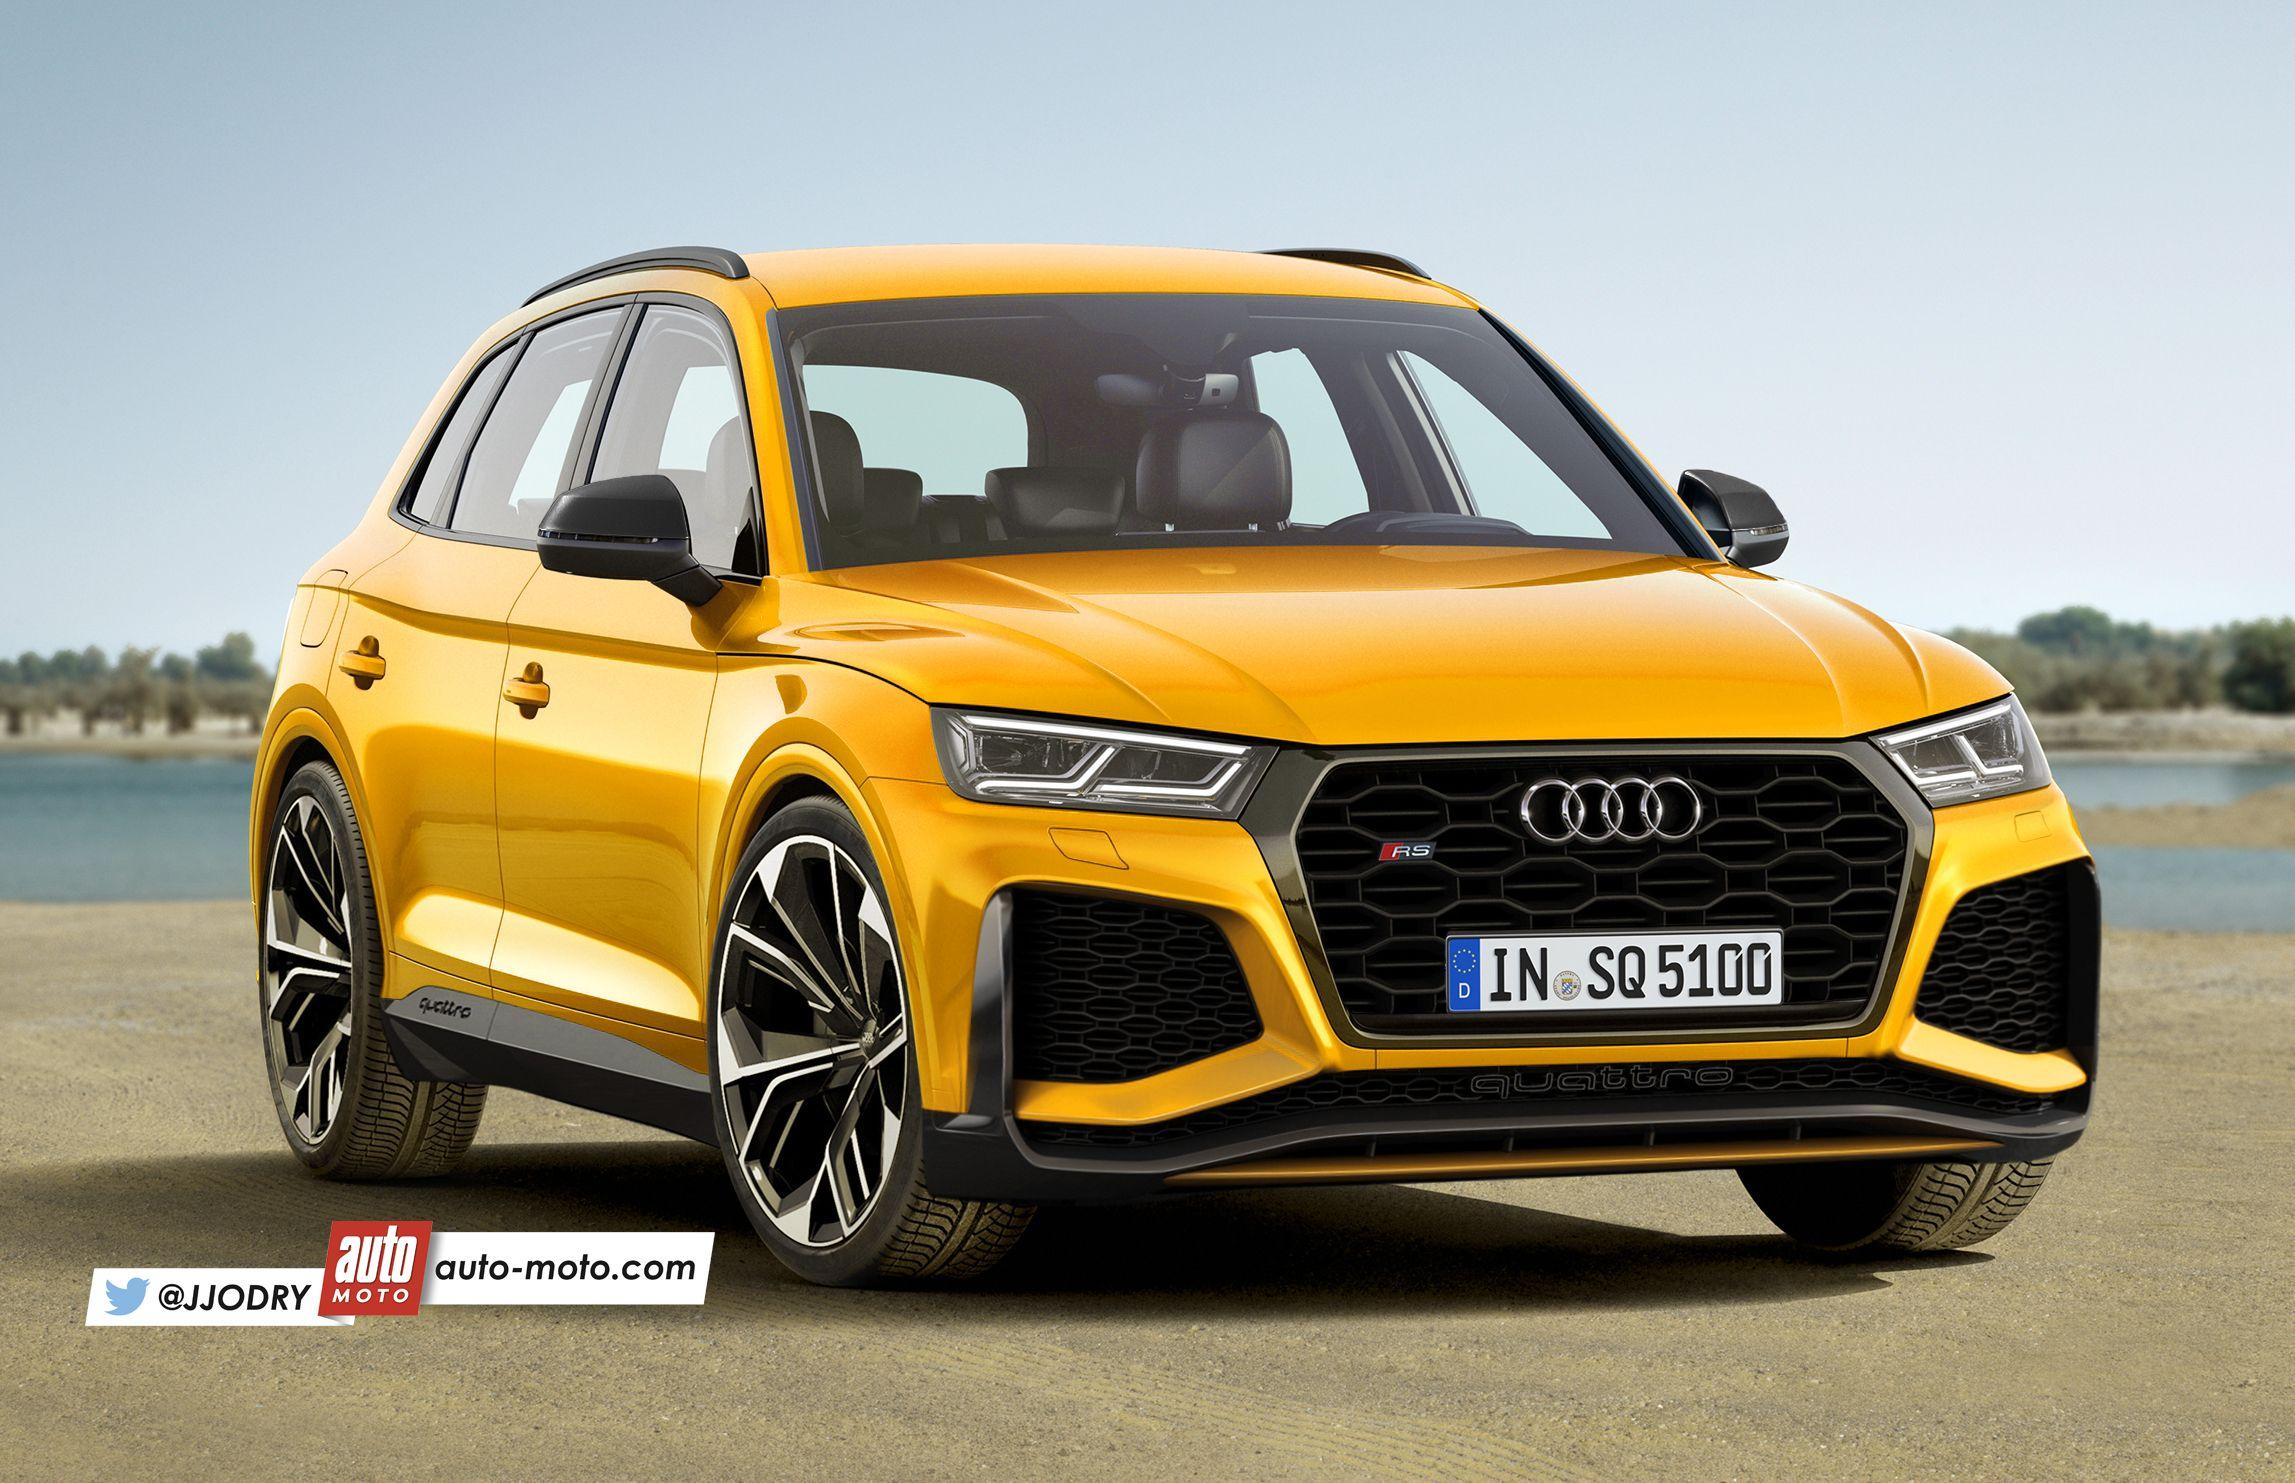 Futur Audi Rs Q5 2018 450 Ch Sinon Rien Auto